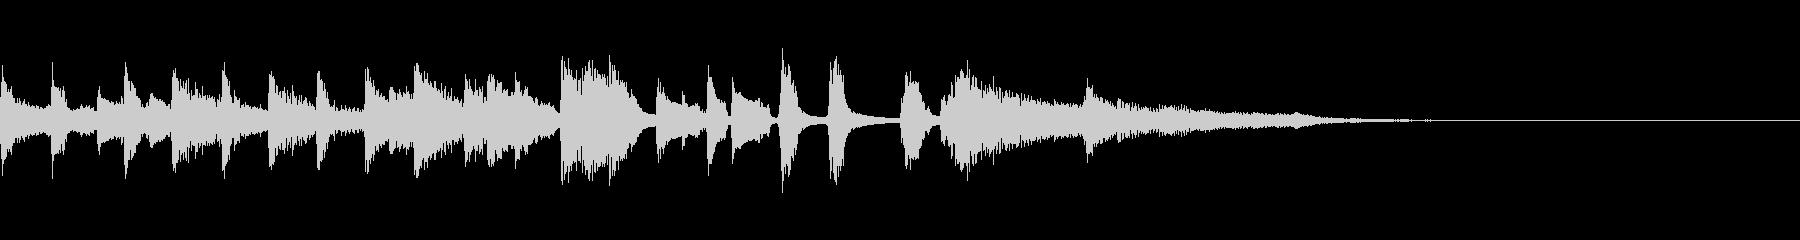 ほのぼのかわいいボサノバのジングルの未再生の波形